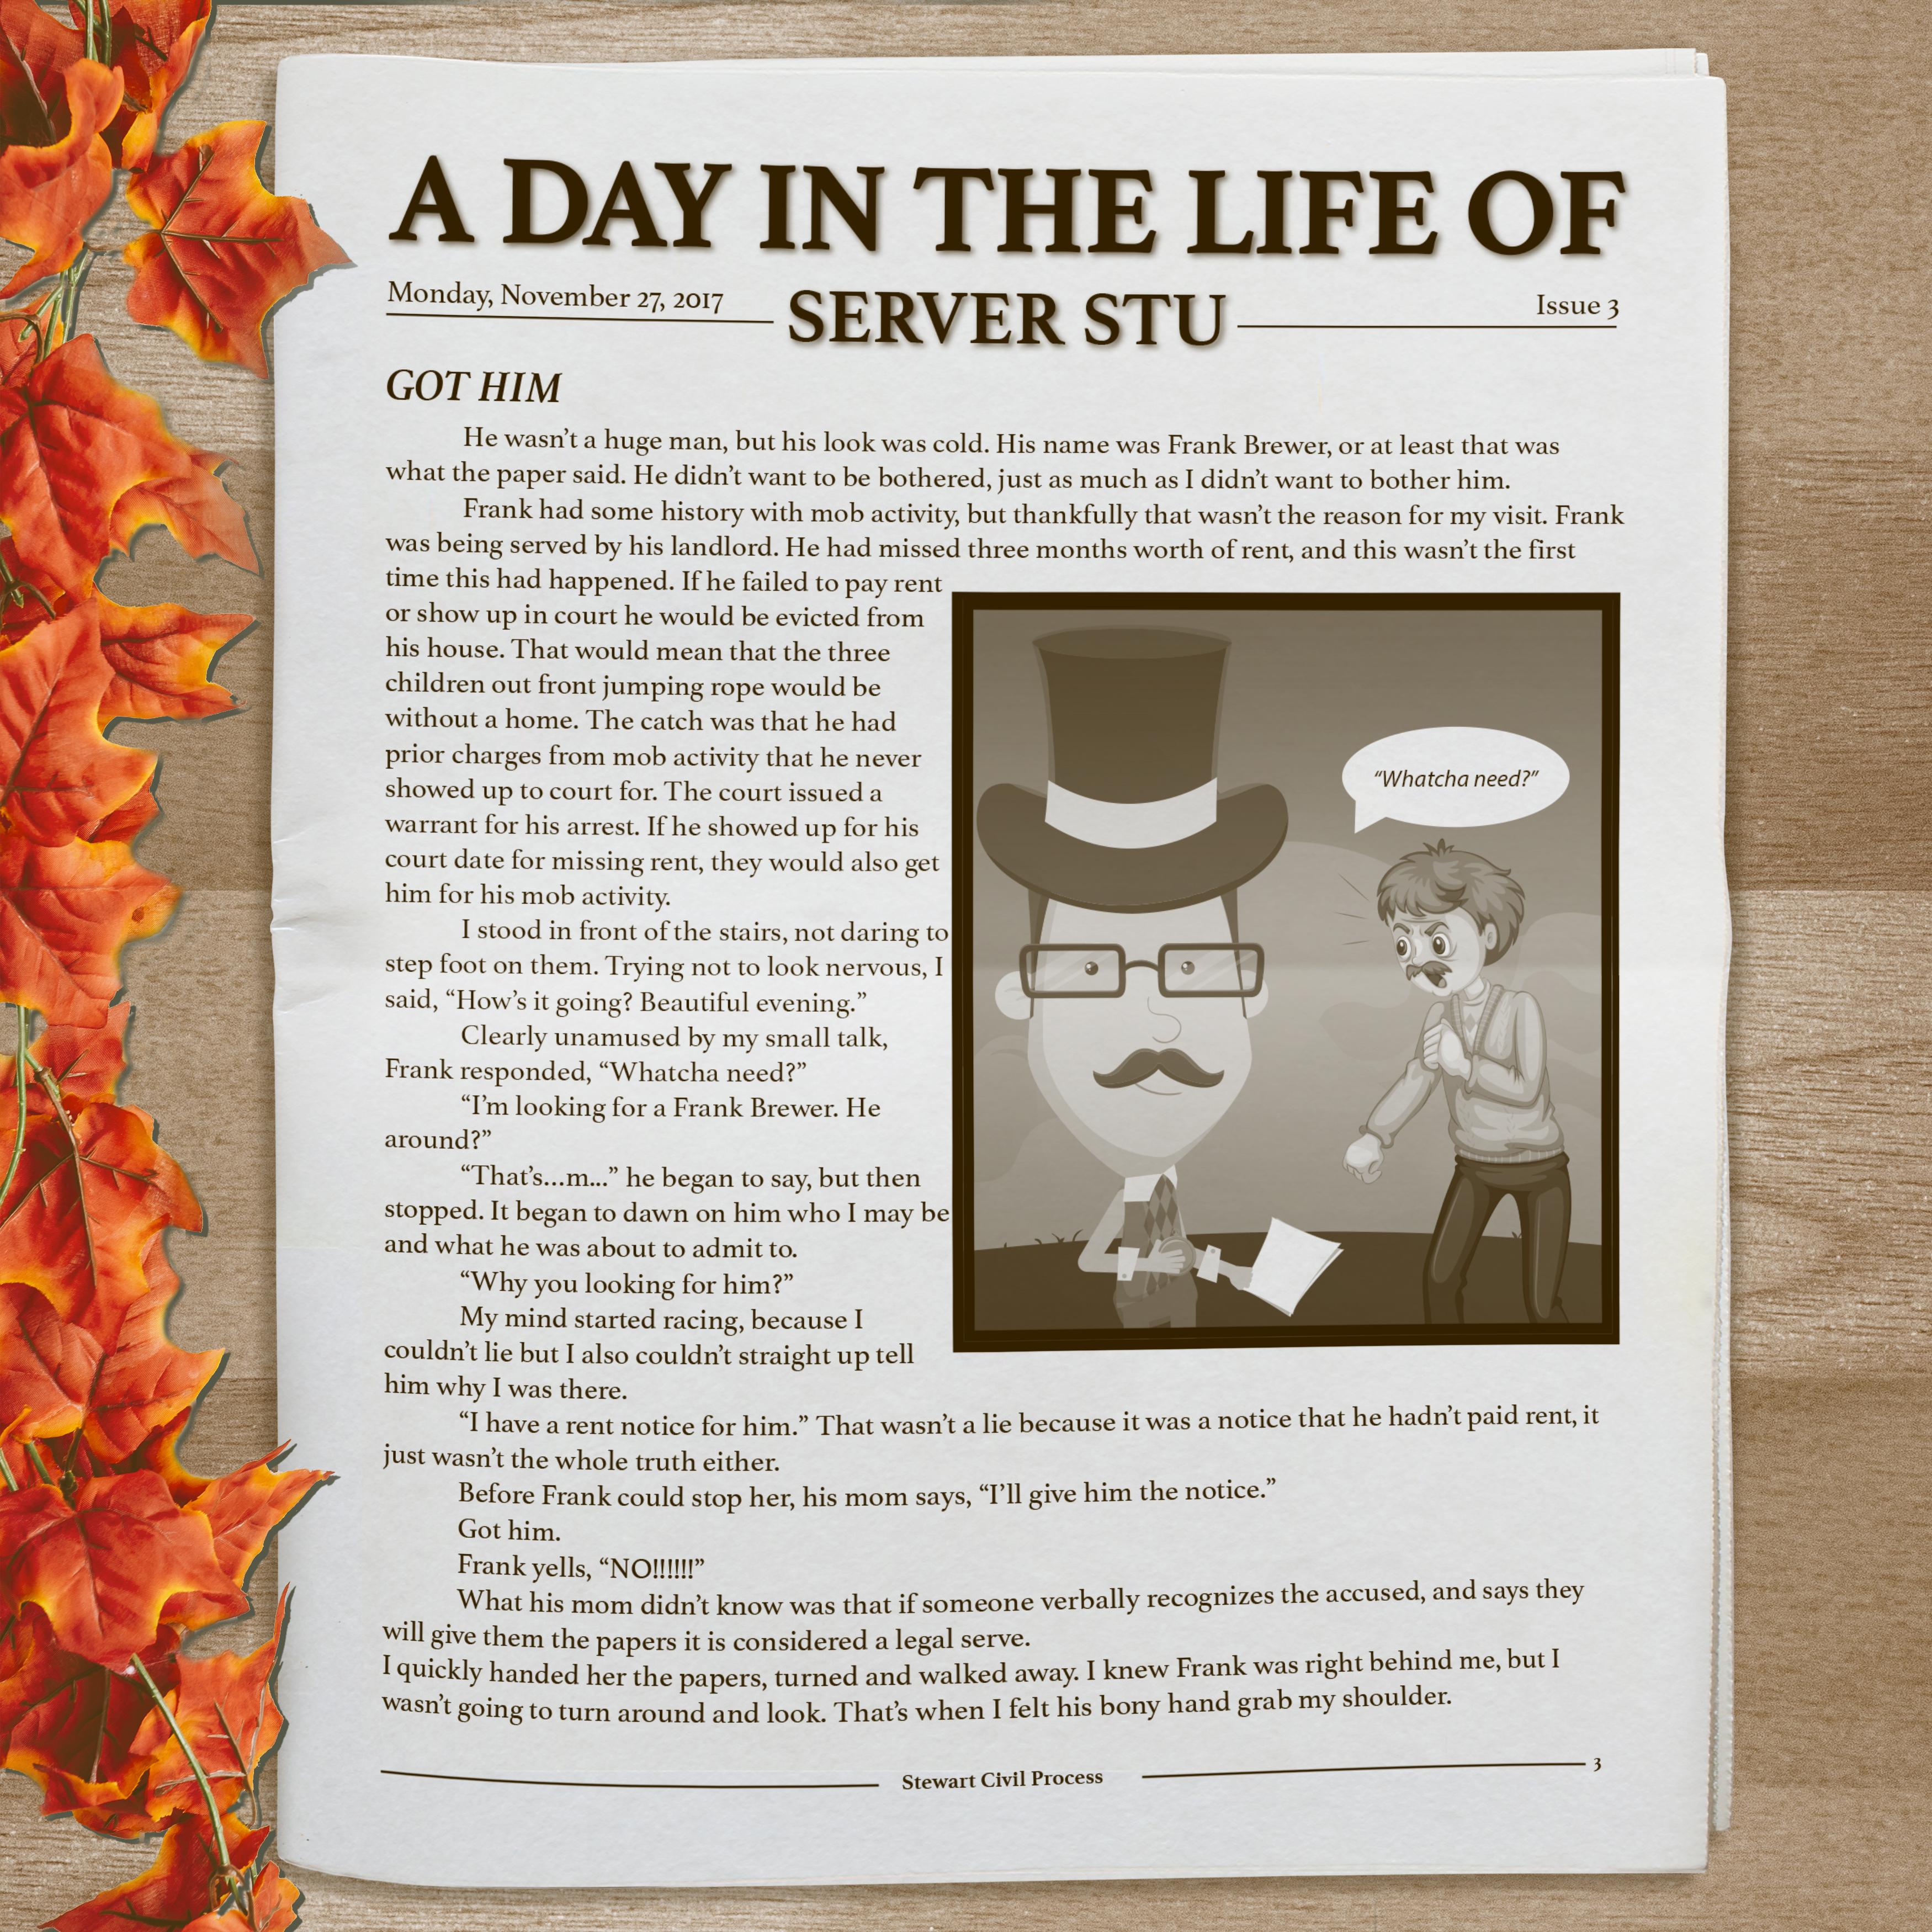 ServerStu_Newspaper-Part3-GotHim.jpg